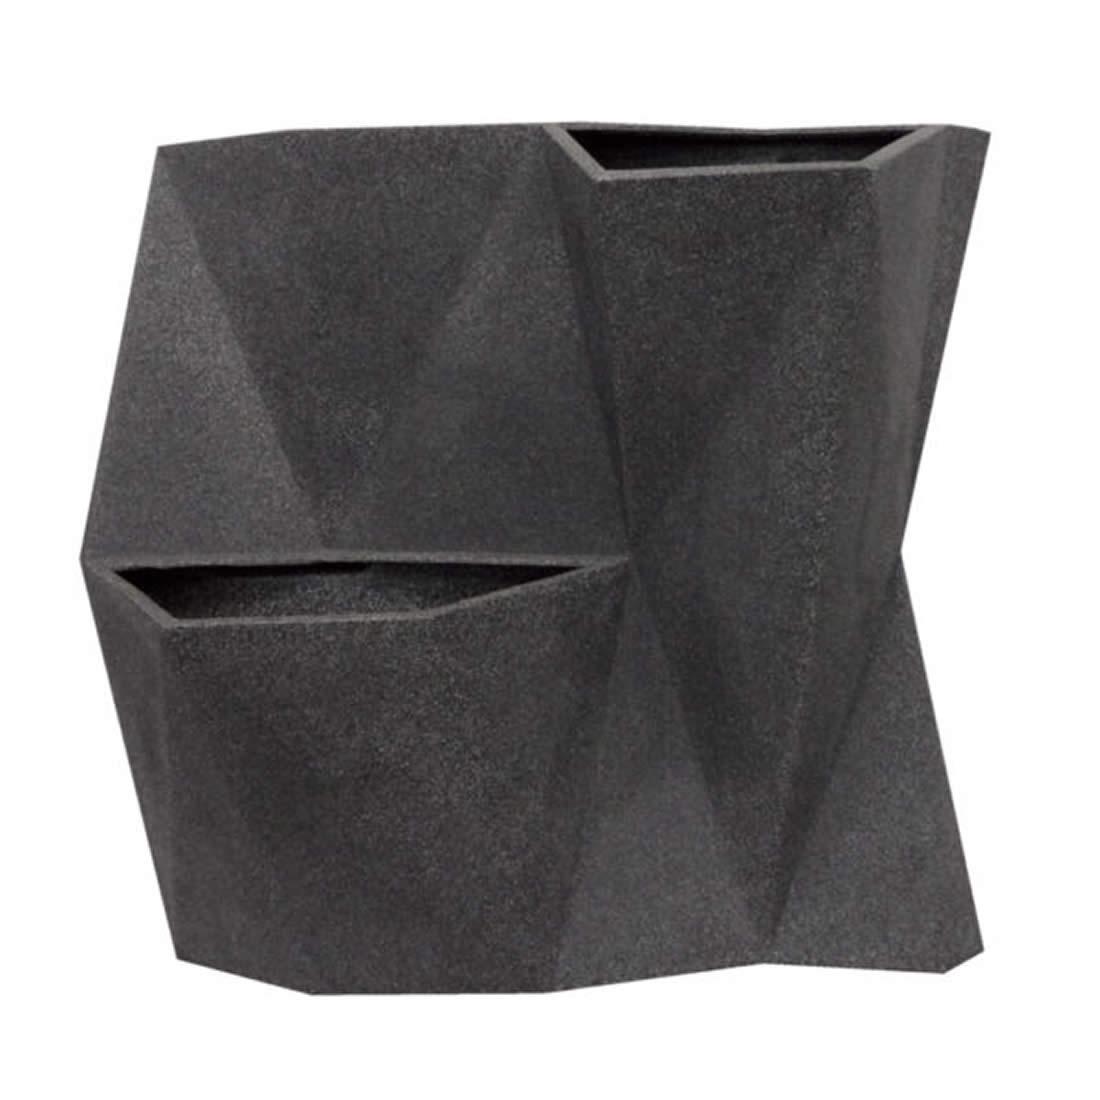 Vaso Para Planta Parede Angolo 50 Grrafite - Japi